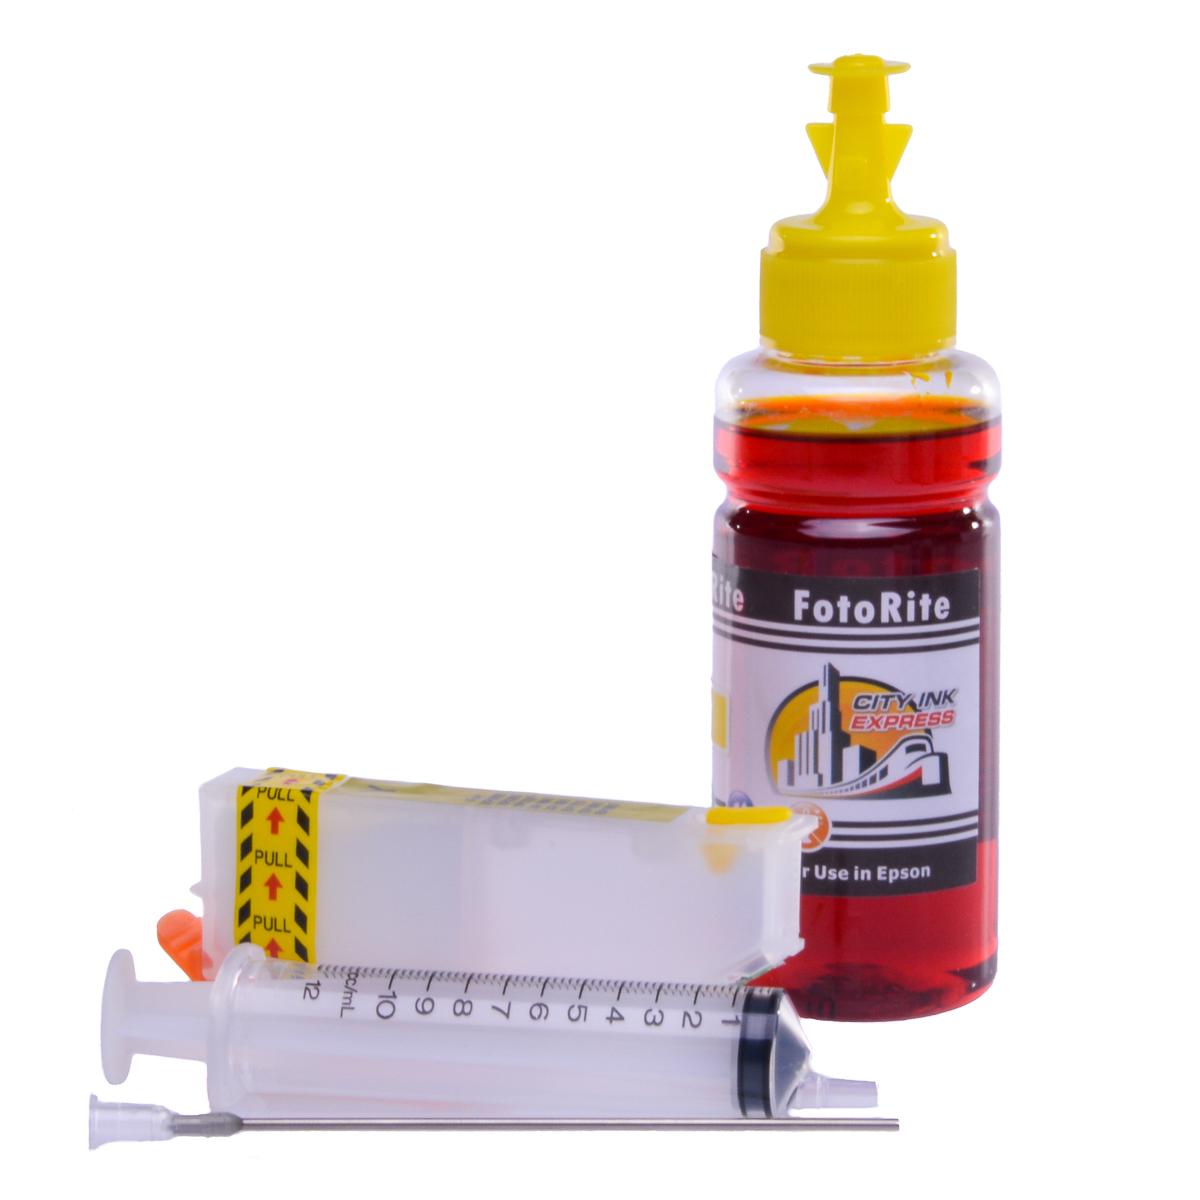 Refillable T2614 Yellow Cheap printer cartridges for Epson XP-520 C13T26144010 dye ink